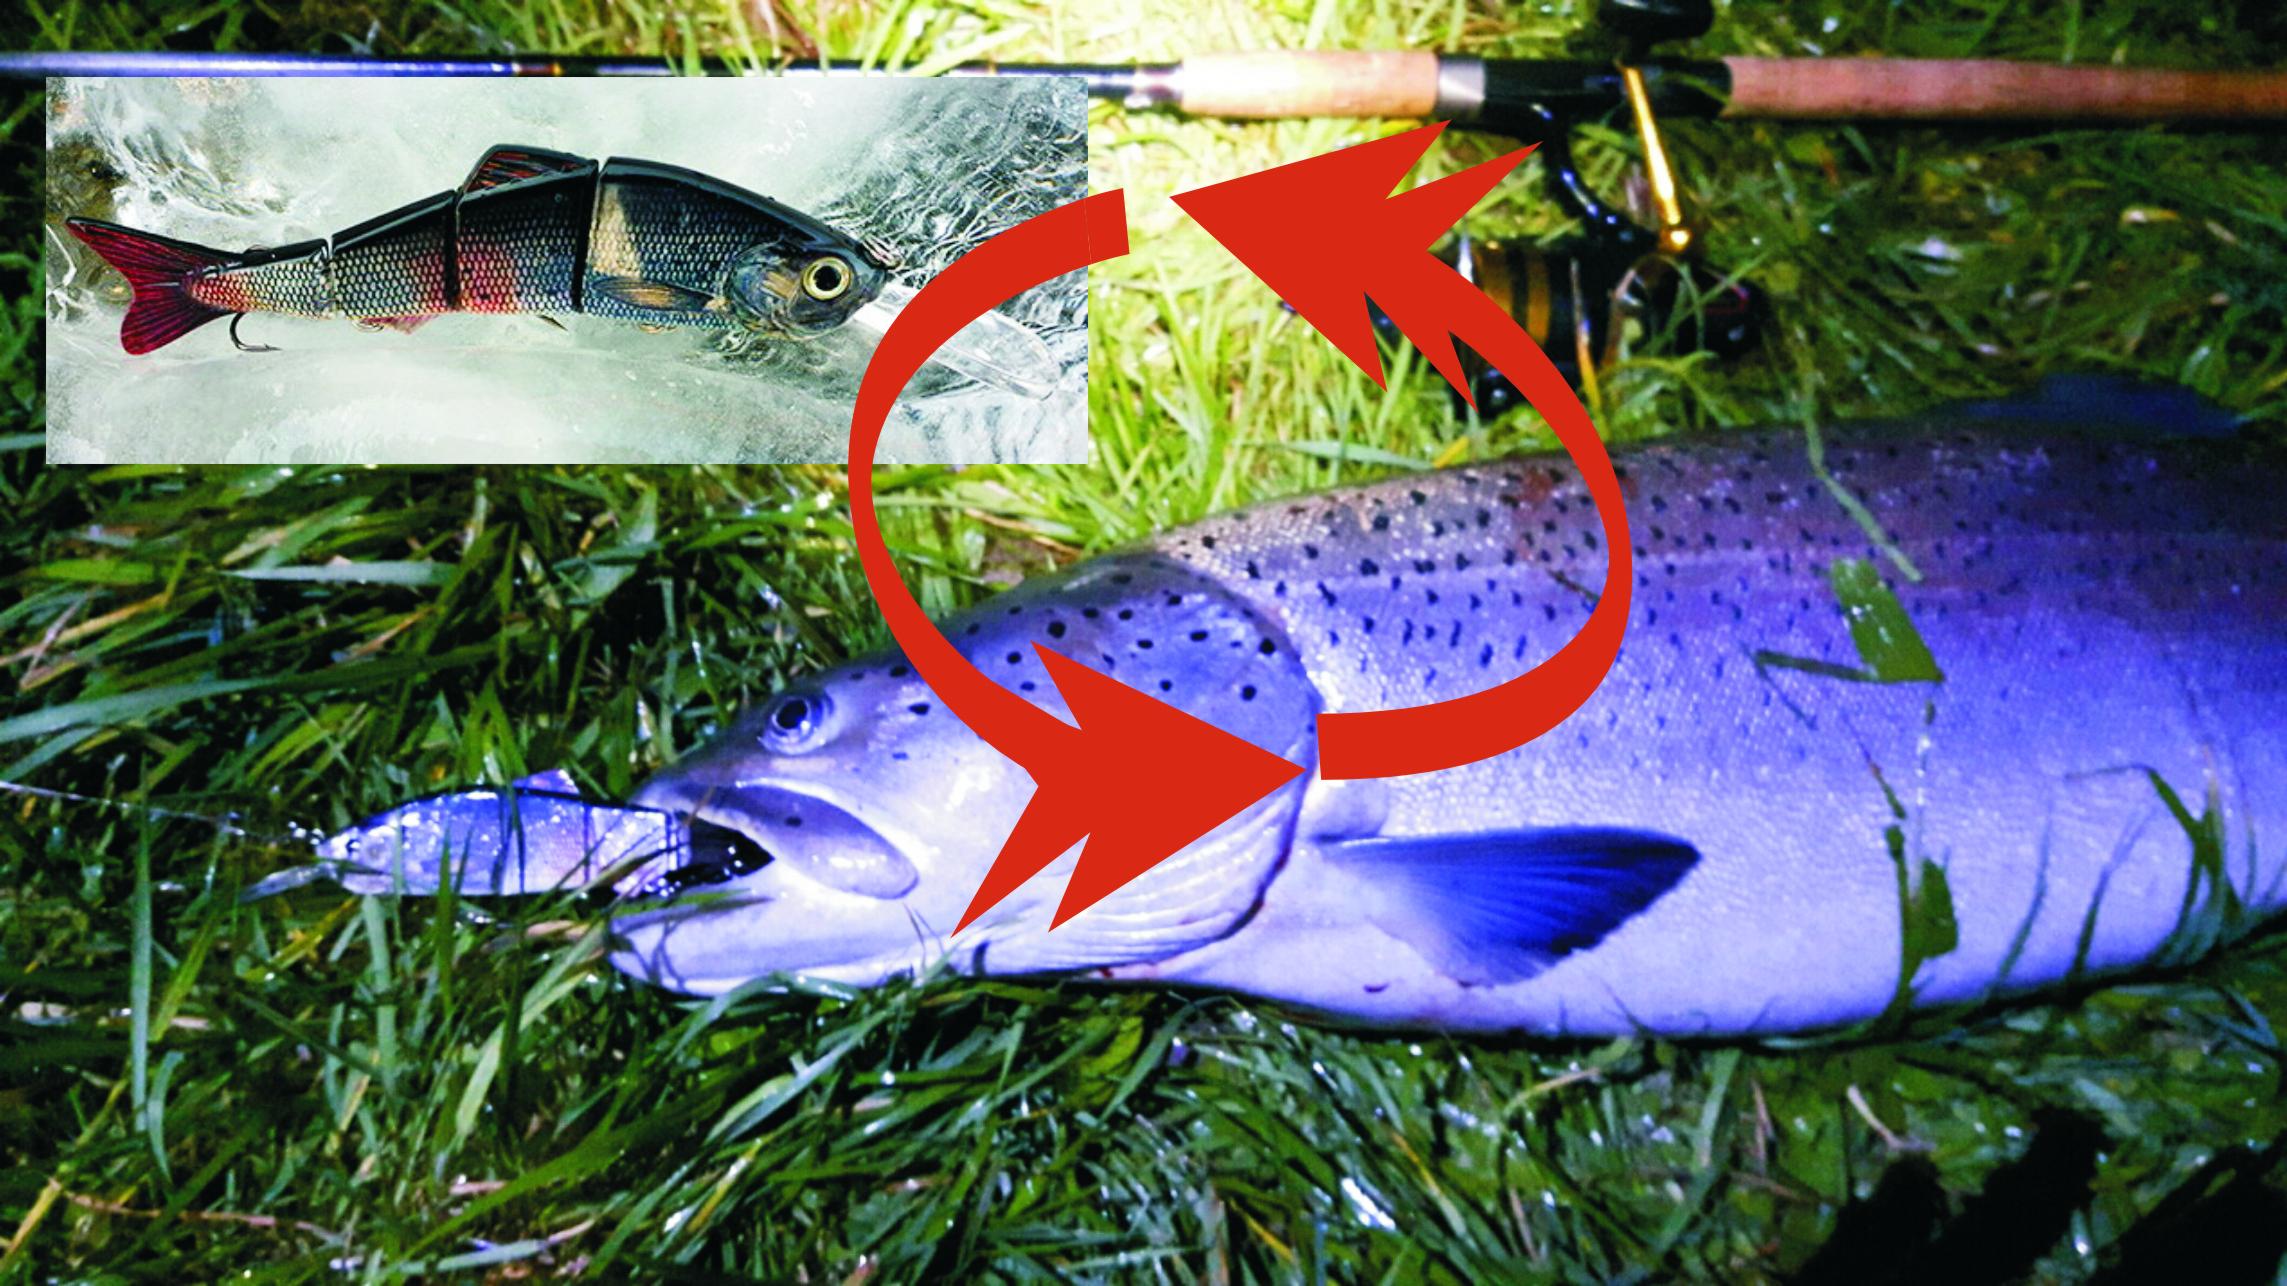 Hucho fishing garancija